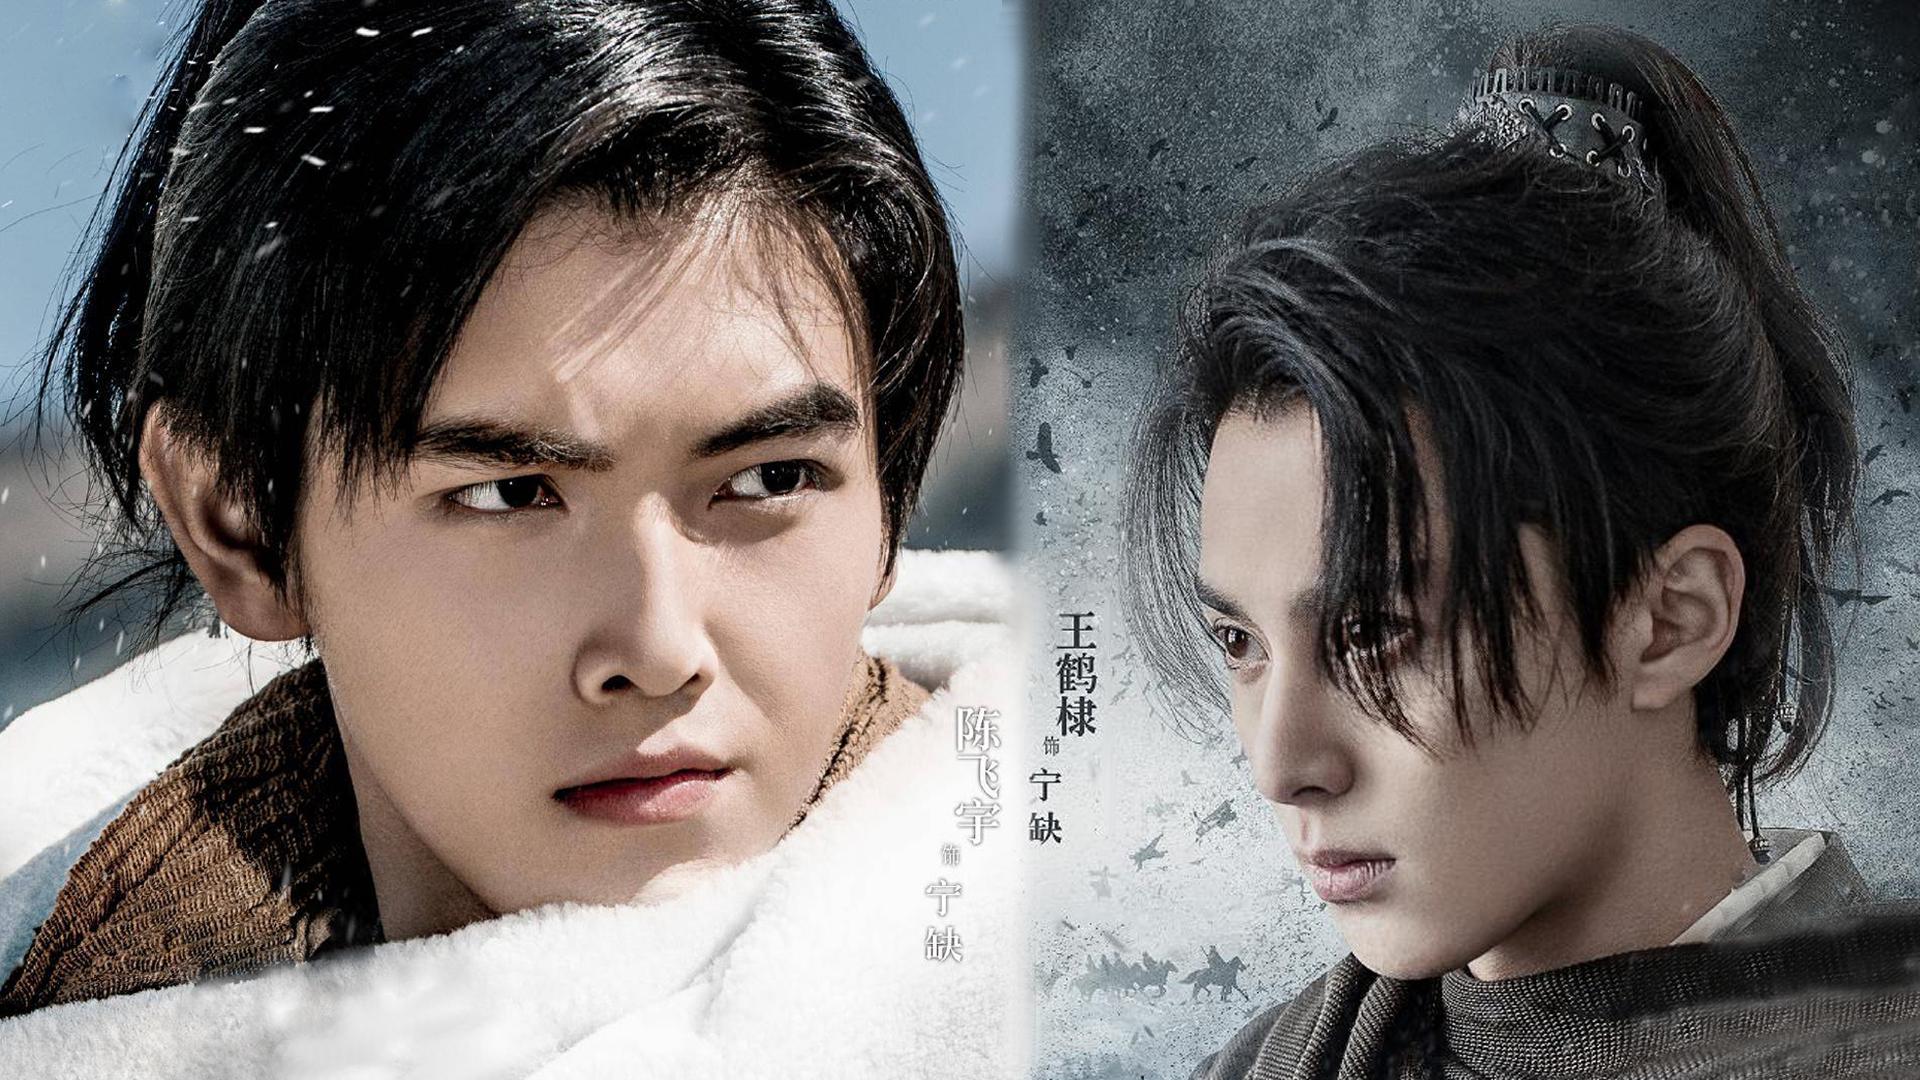 《将夜2》开机了,男主陈飞宇换为王鹤棣,古装惊艳眼神有狠劲